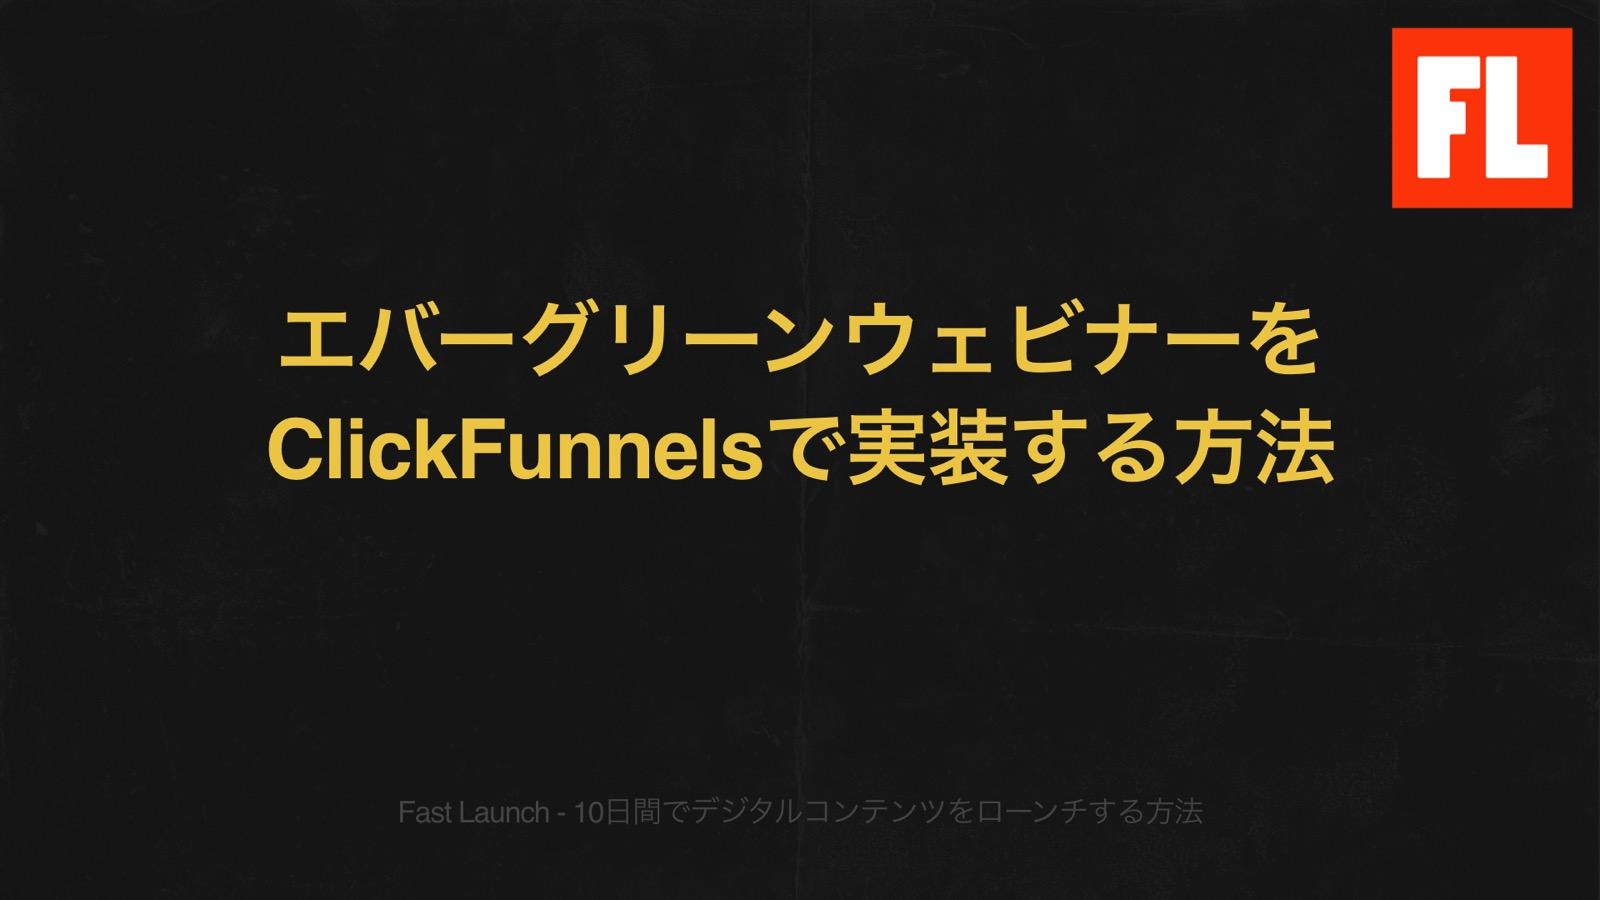 エバーグリーンウェビナーをClickFunnelsで実装する方法 1 001